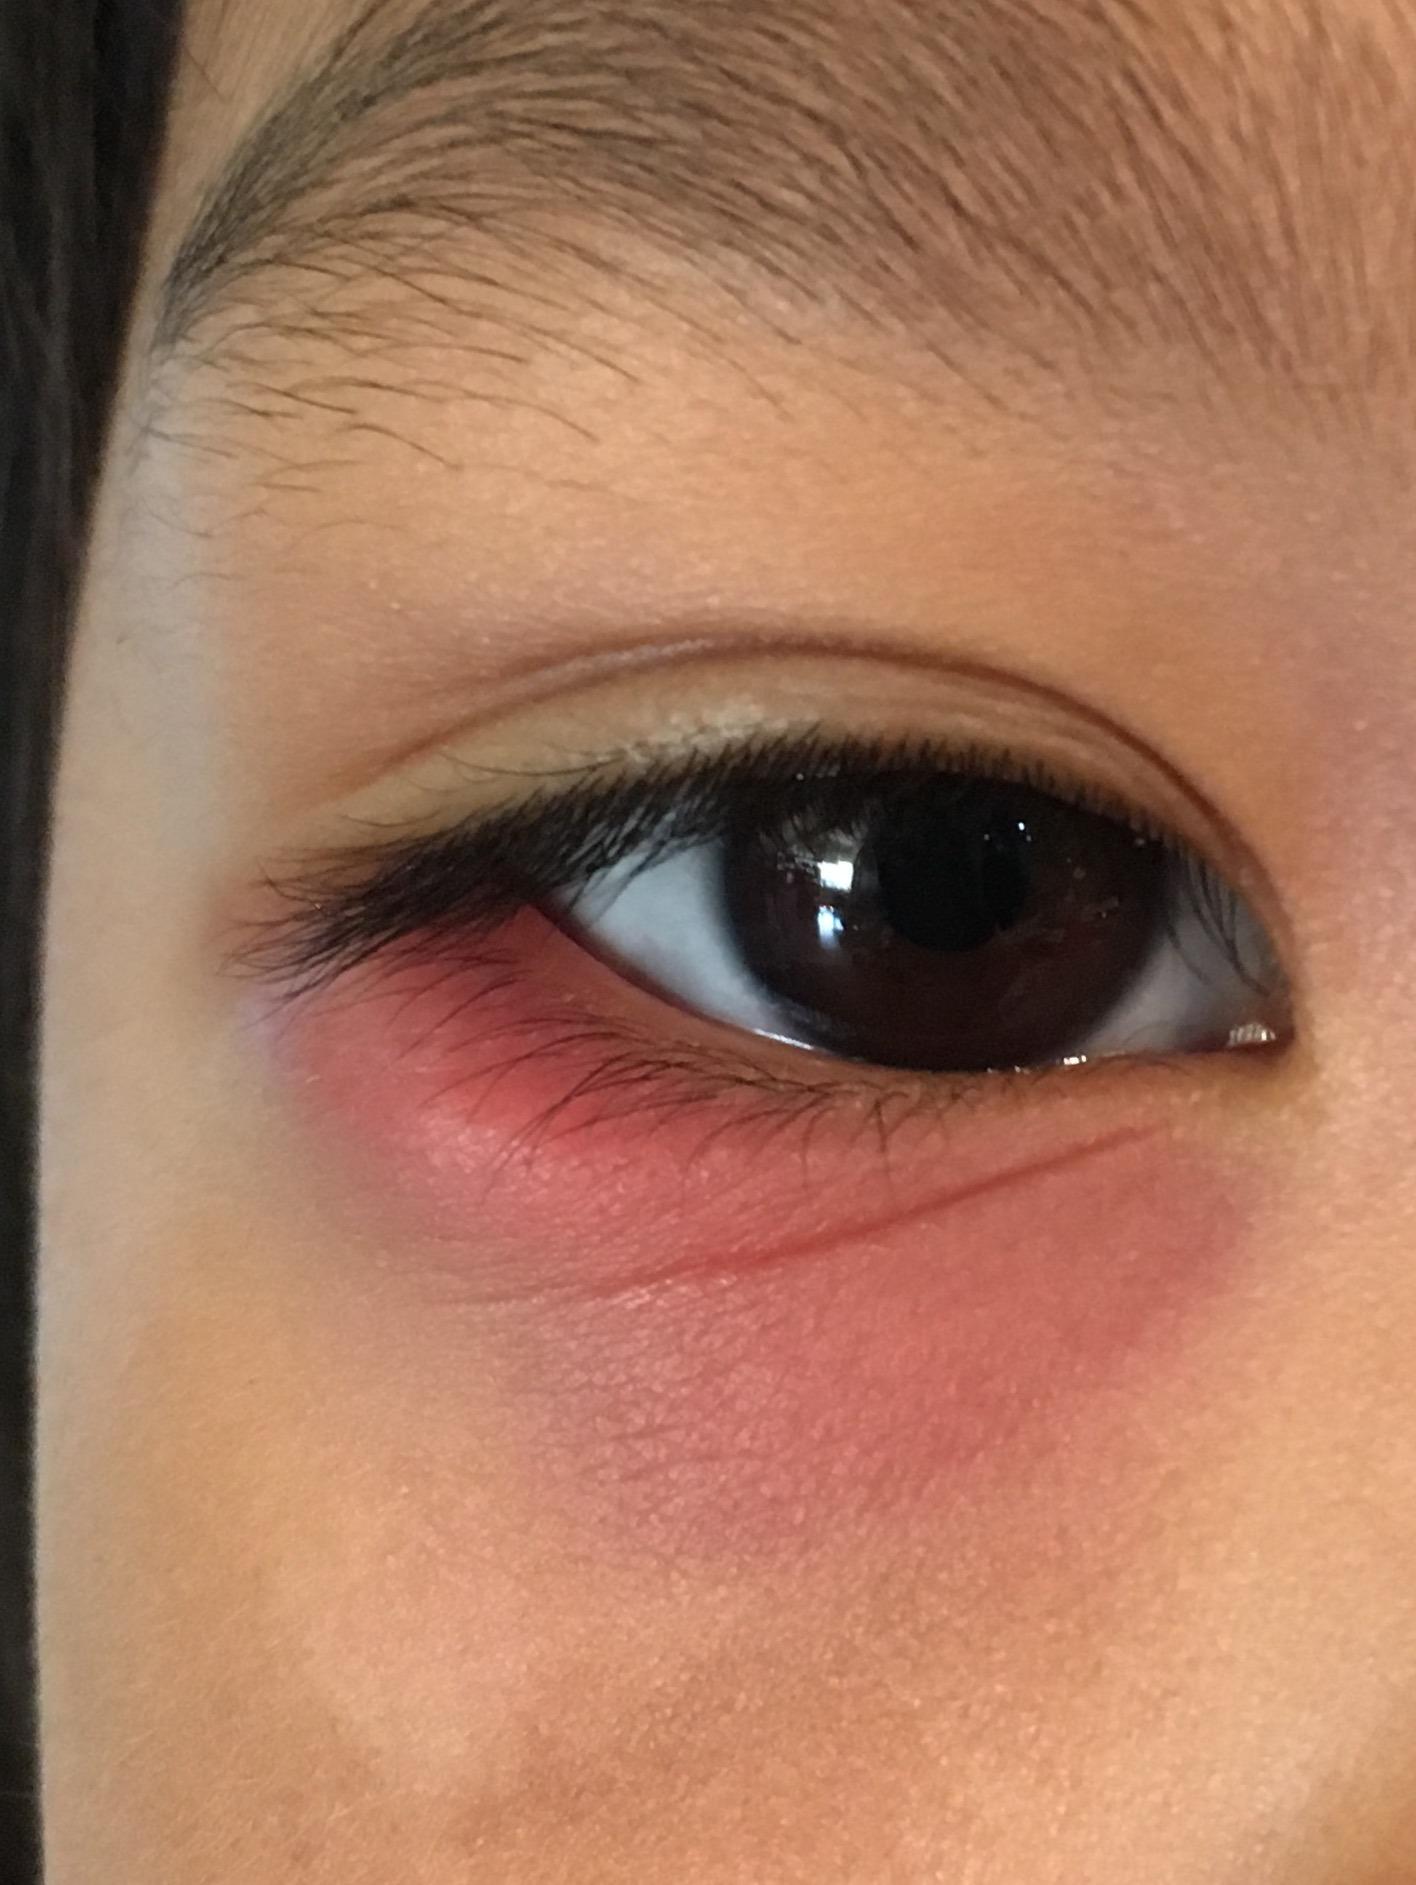 子供の目が赤い。何ですか - 病気 解決済み| 【OKWAVE】